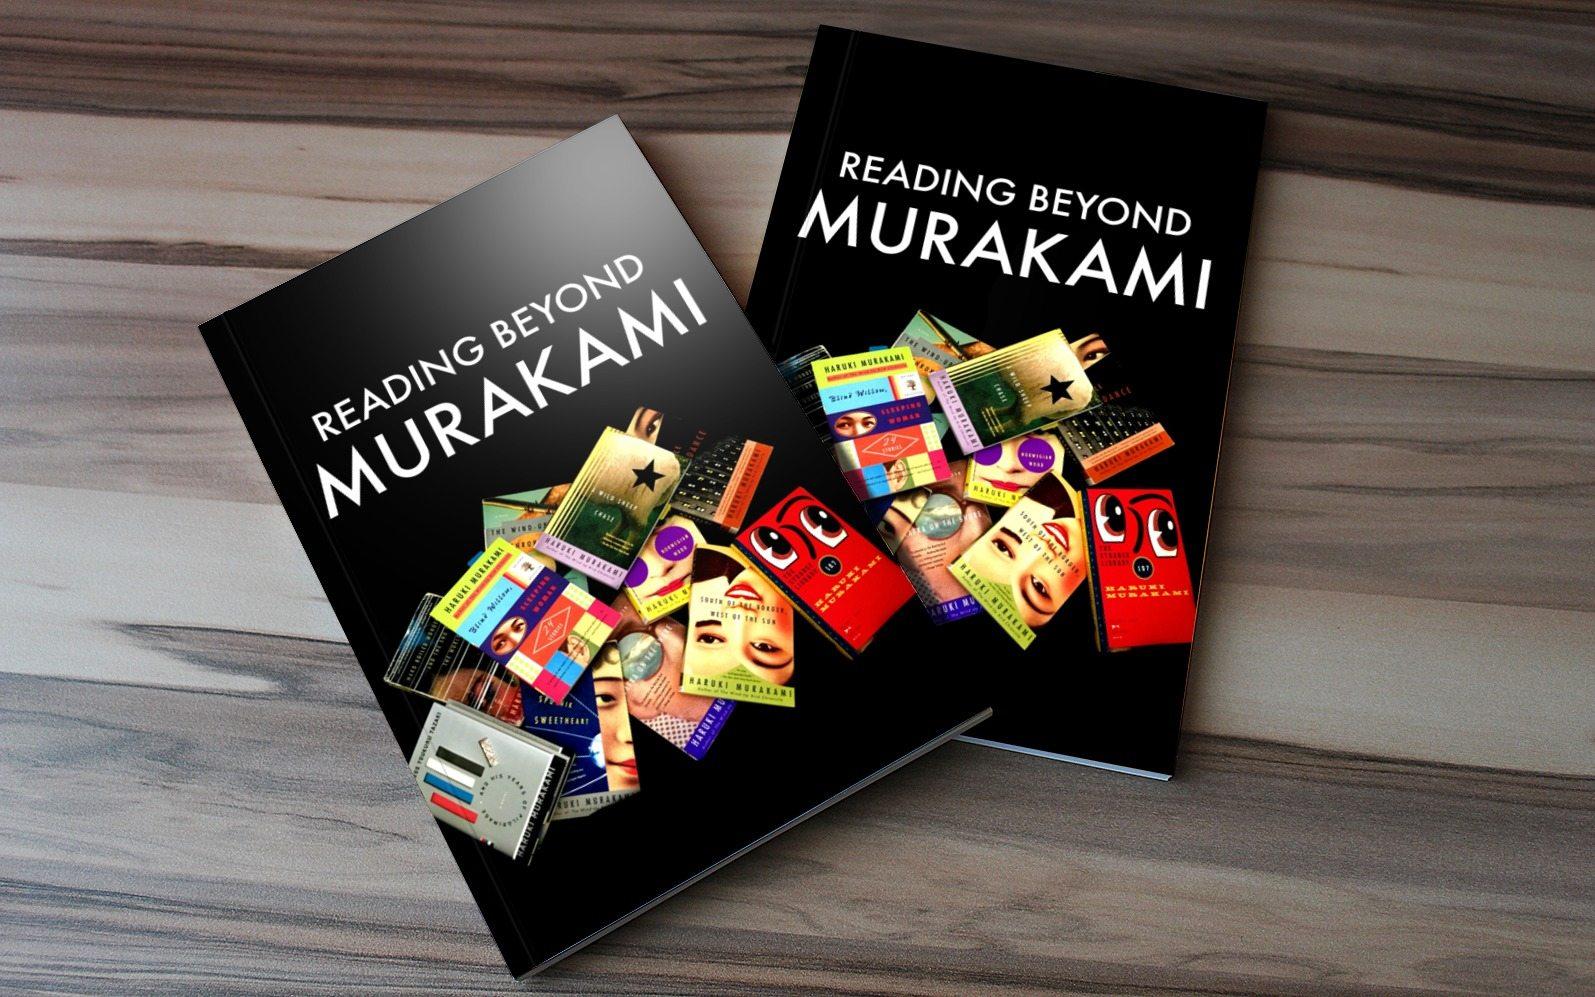 Authors Similar to Haruki Murakami